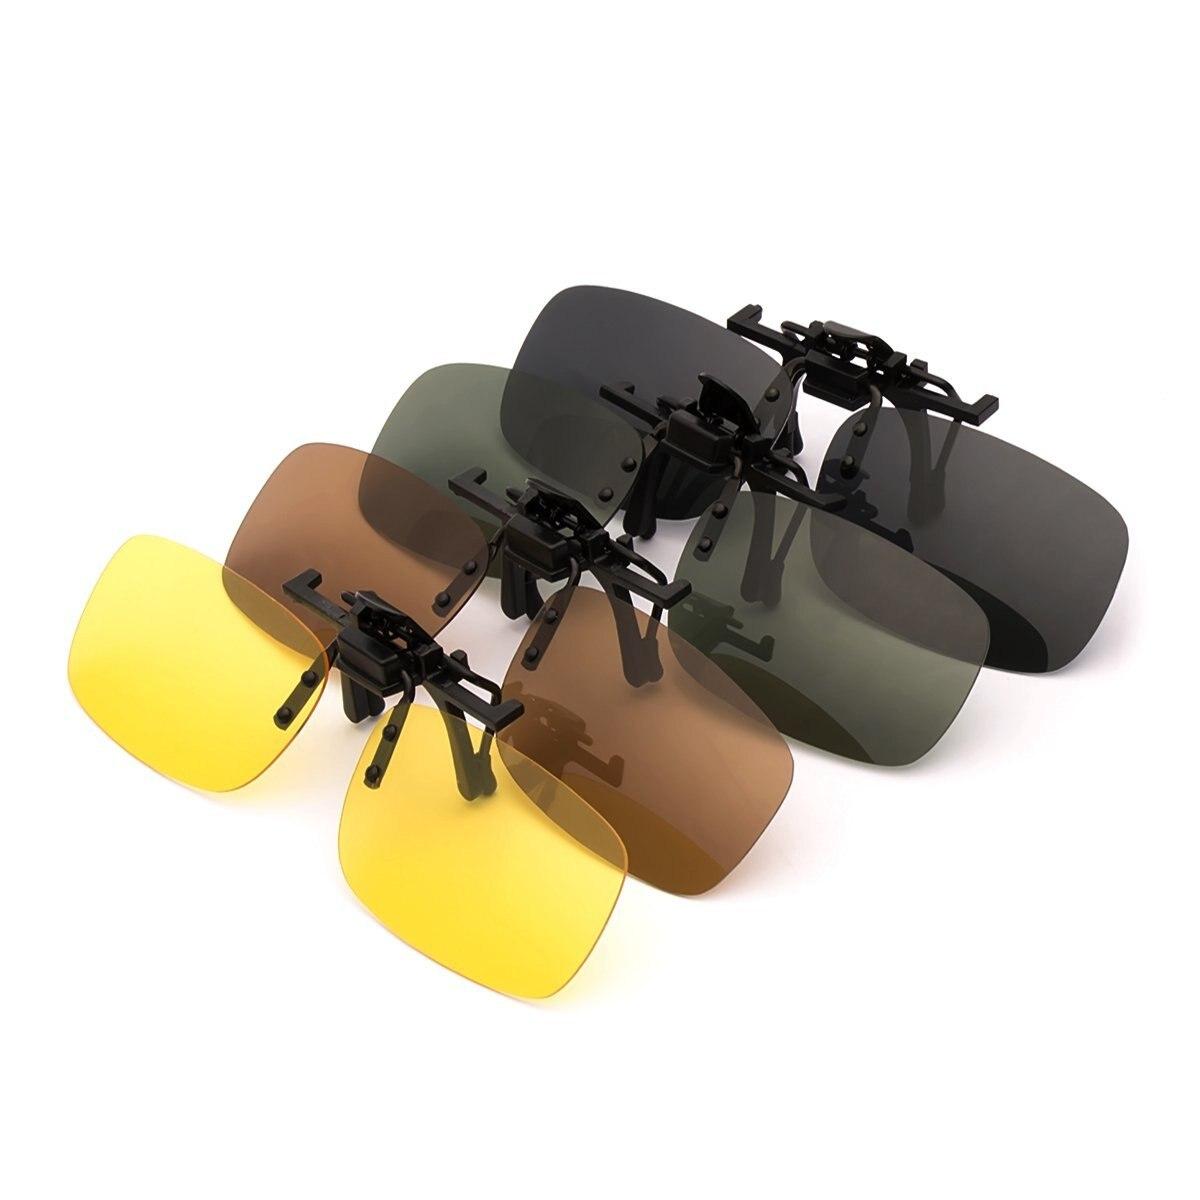 4-Pack Polarizada Clip-on Óculos de Sol Óculos de Lentes de Plástico Ao Ar Livre Andar de Condução Pesca Ciclismo óculos de visão Noturna Amarelo Cinza Marrom verde